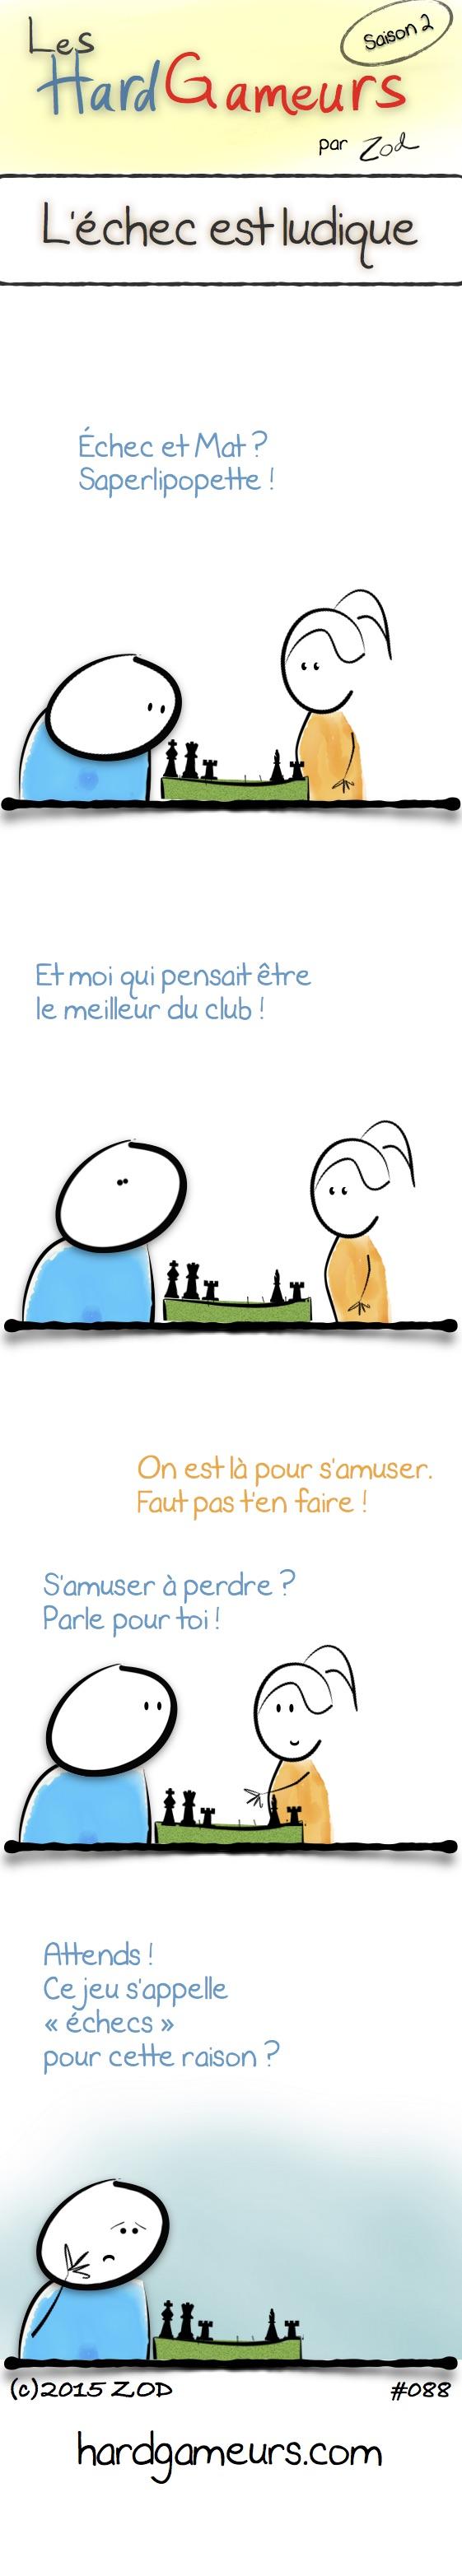 Les HardGameurs jouent aux échecs